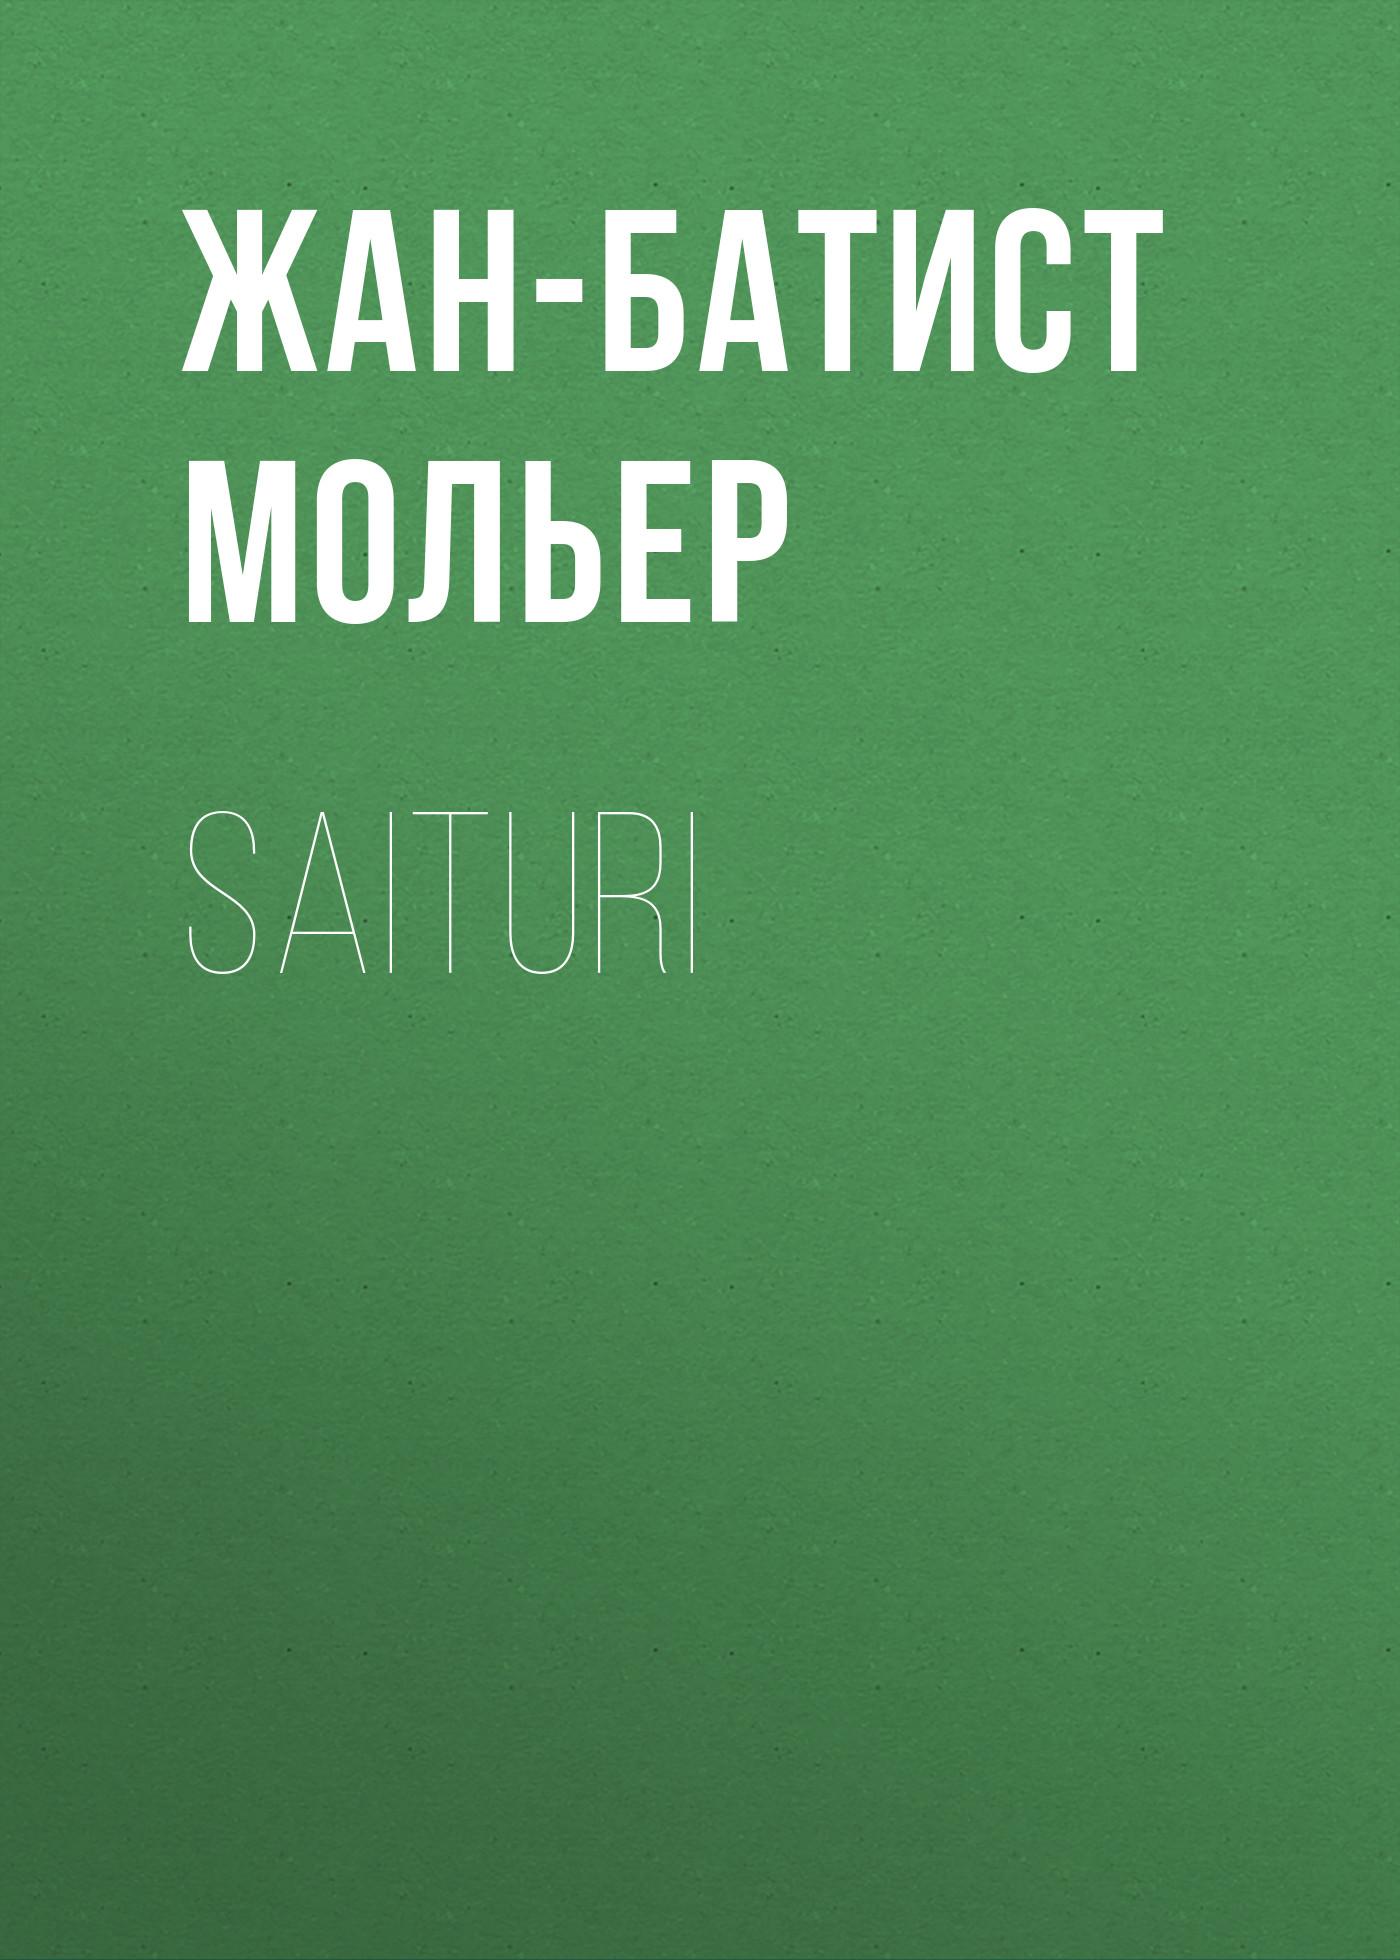 Мольер (Жан-Батист Поклен) Saituri батист ориджинал